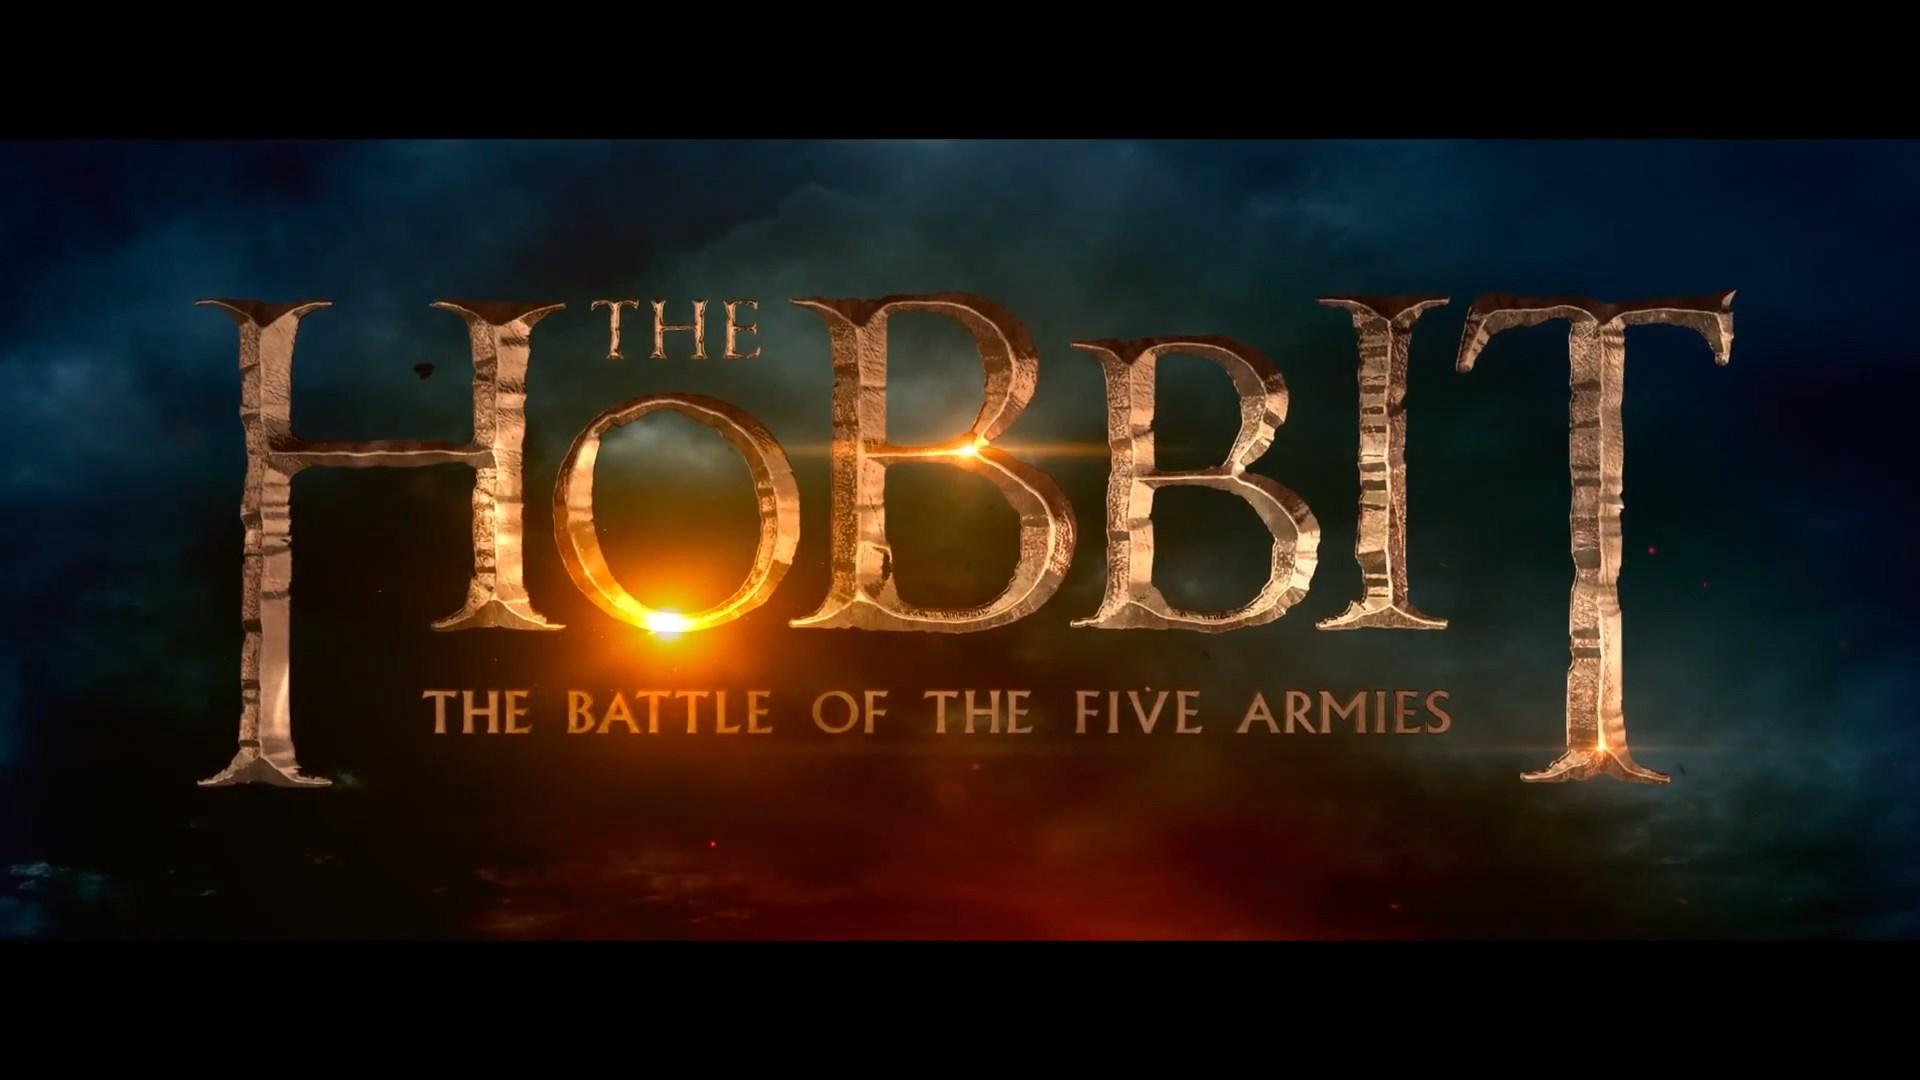 «Хоббит: Битва пяти воинств»-  премьера 11 декабря